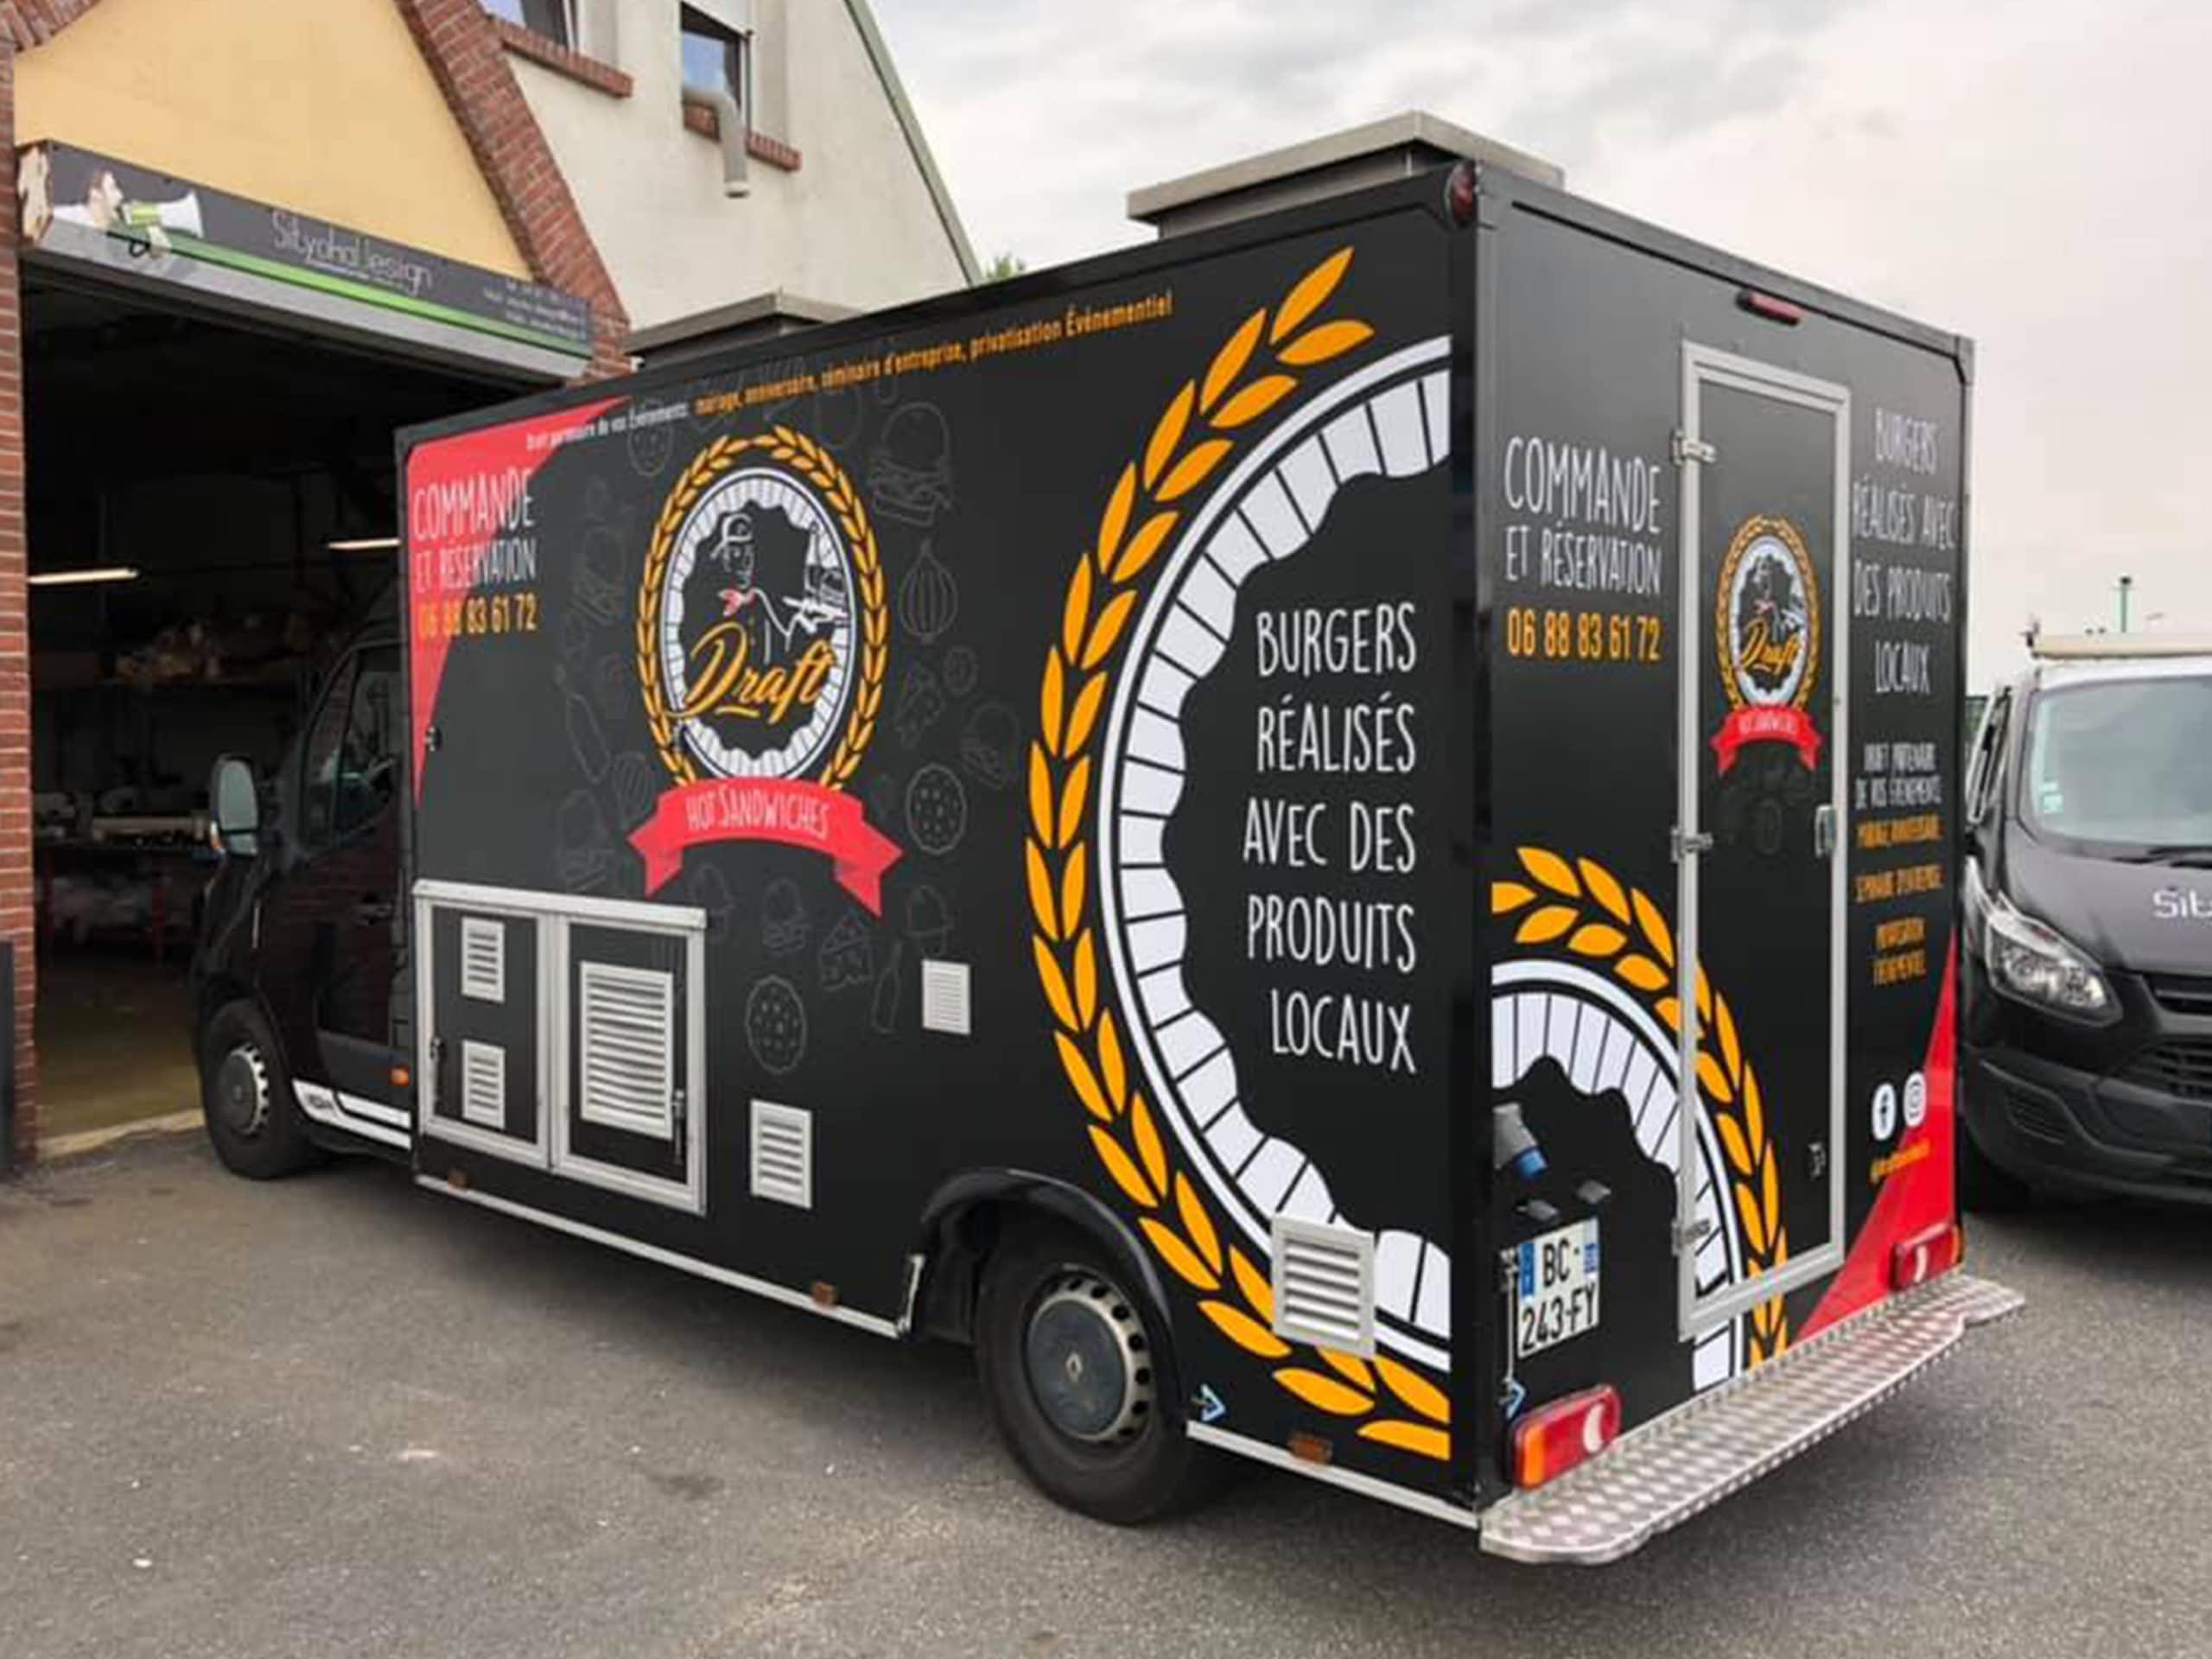 adhesif-utilitaire-flocage-food-truck-adhesif-pas-cher-agence-de-publicite-rouen-paris-sityoka-design